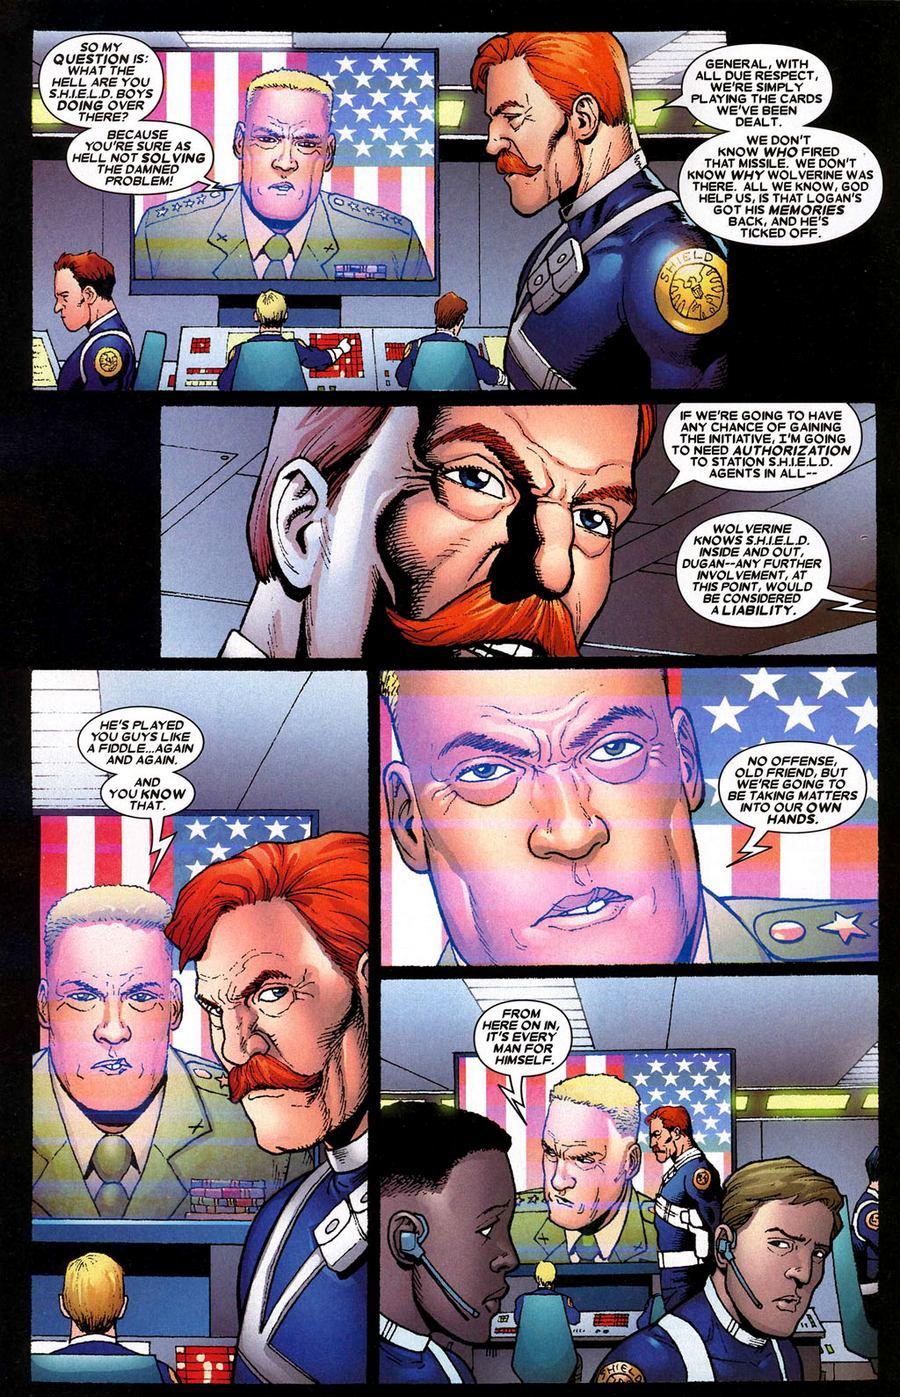 Read online Wolverine: Origins comic -  Issue #1 - 22